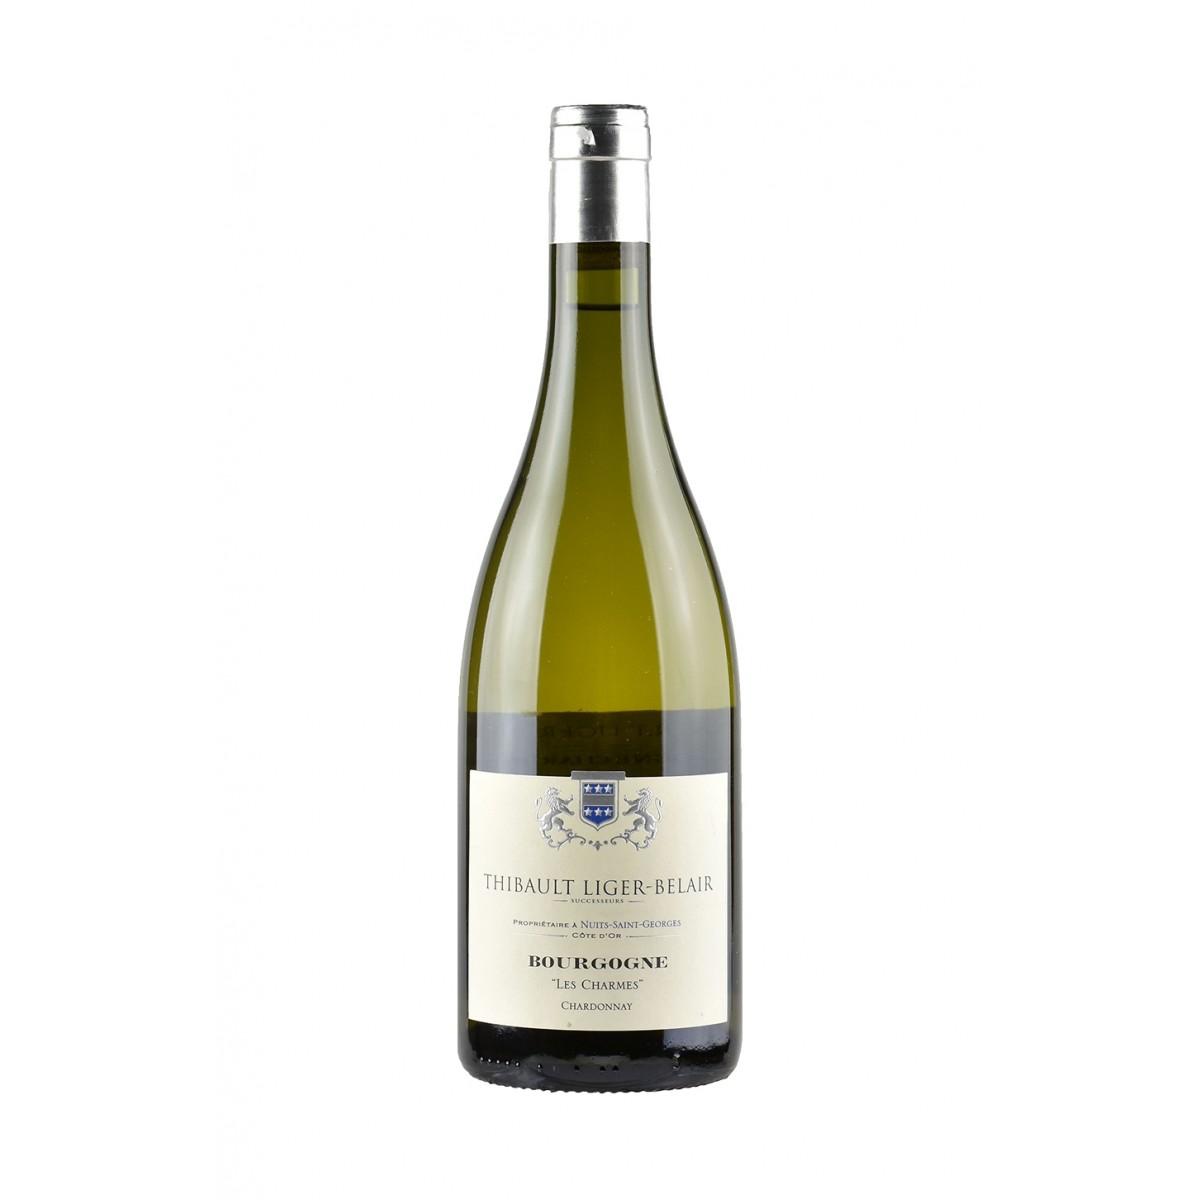 Bourgogne Chardonnay Les Charmes 2016 - Domaine Thibault Ligier-Belair